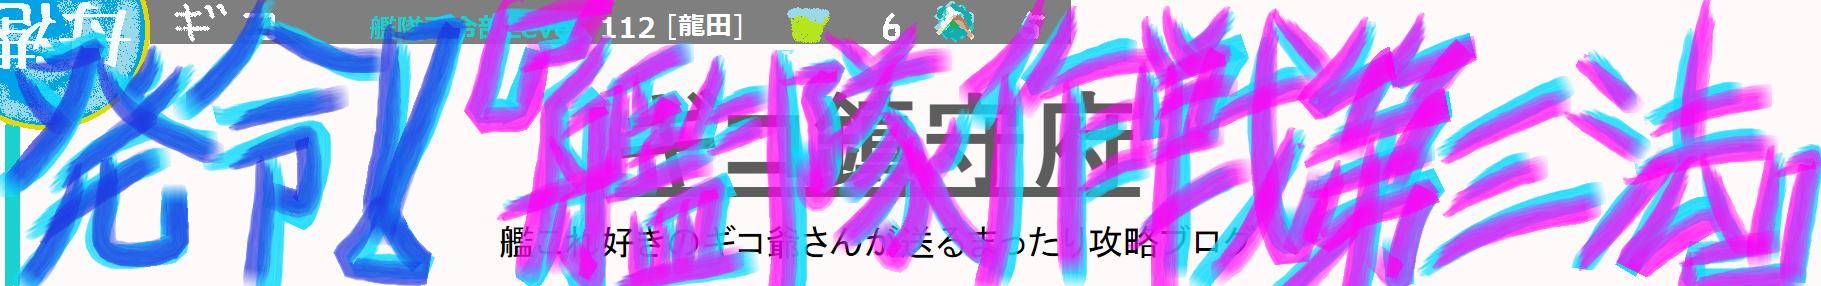 トップ画像-2016秋 サイズ変更1821-2.png